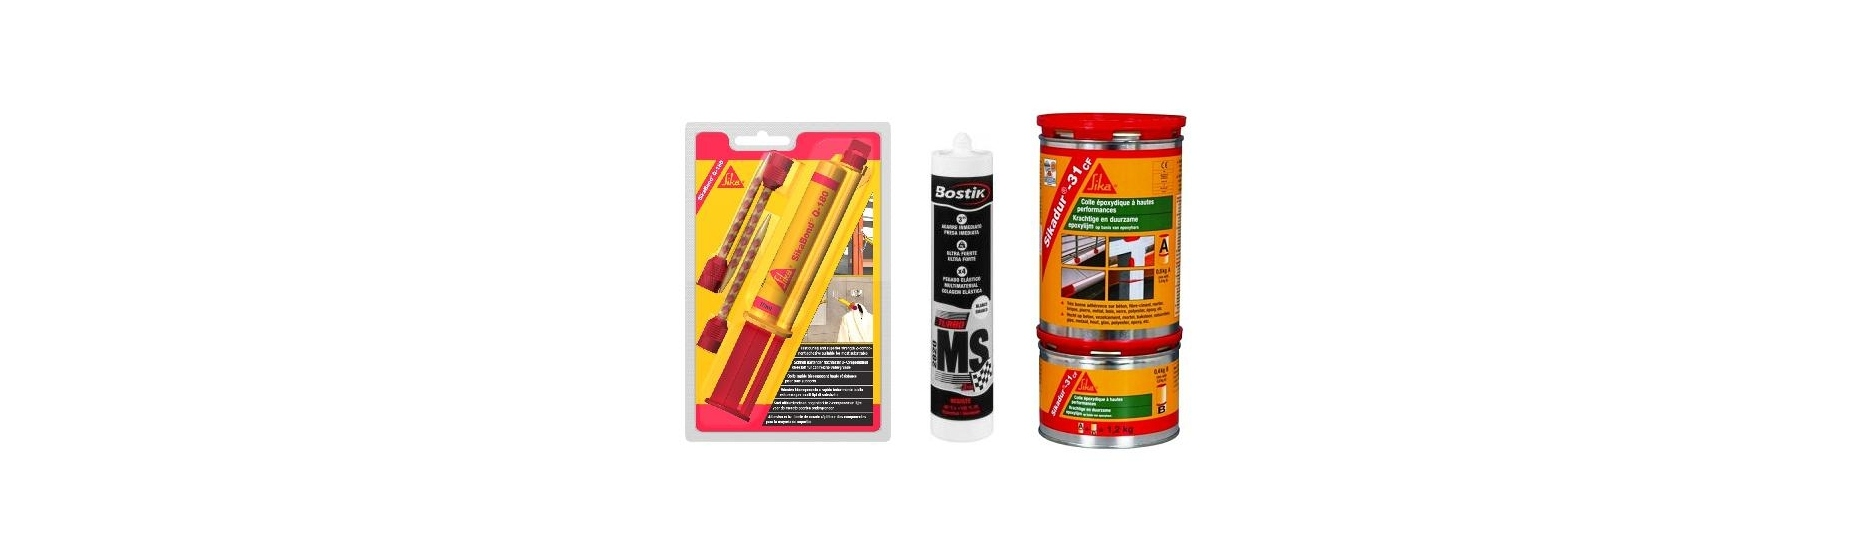 Adhesivos elásticos y estructurales